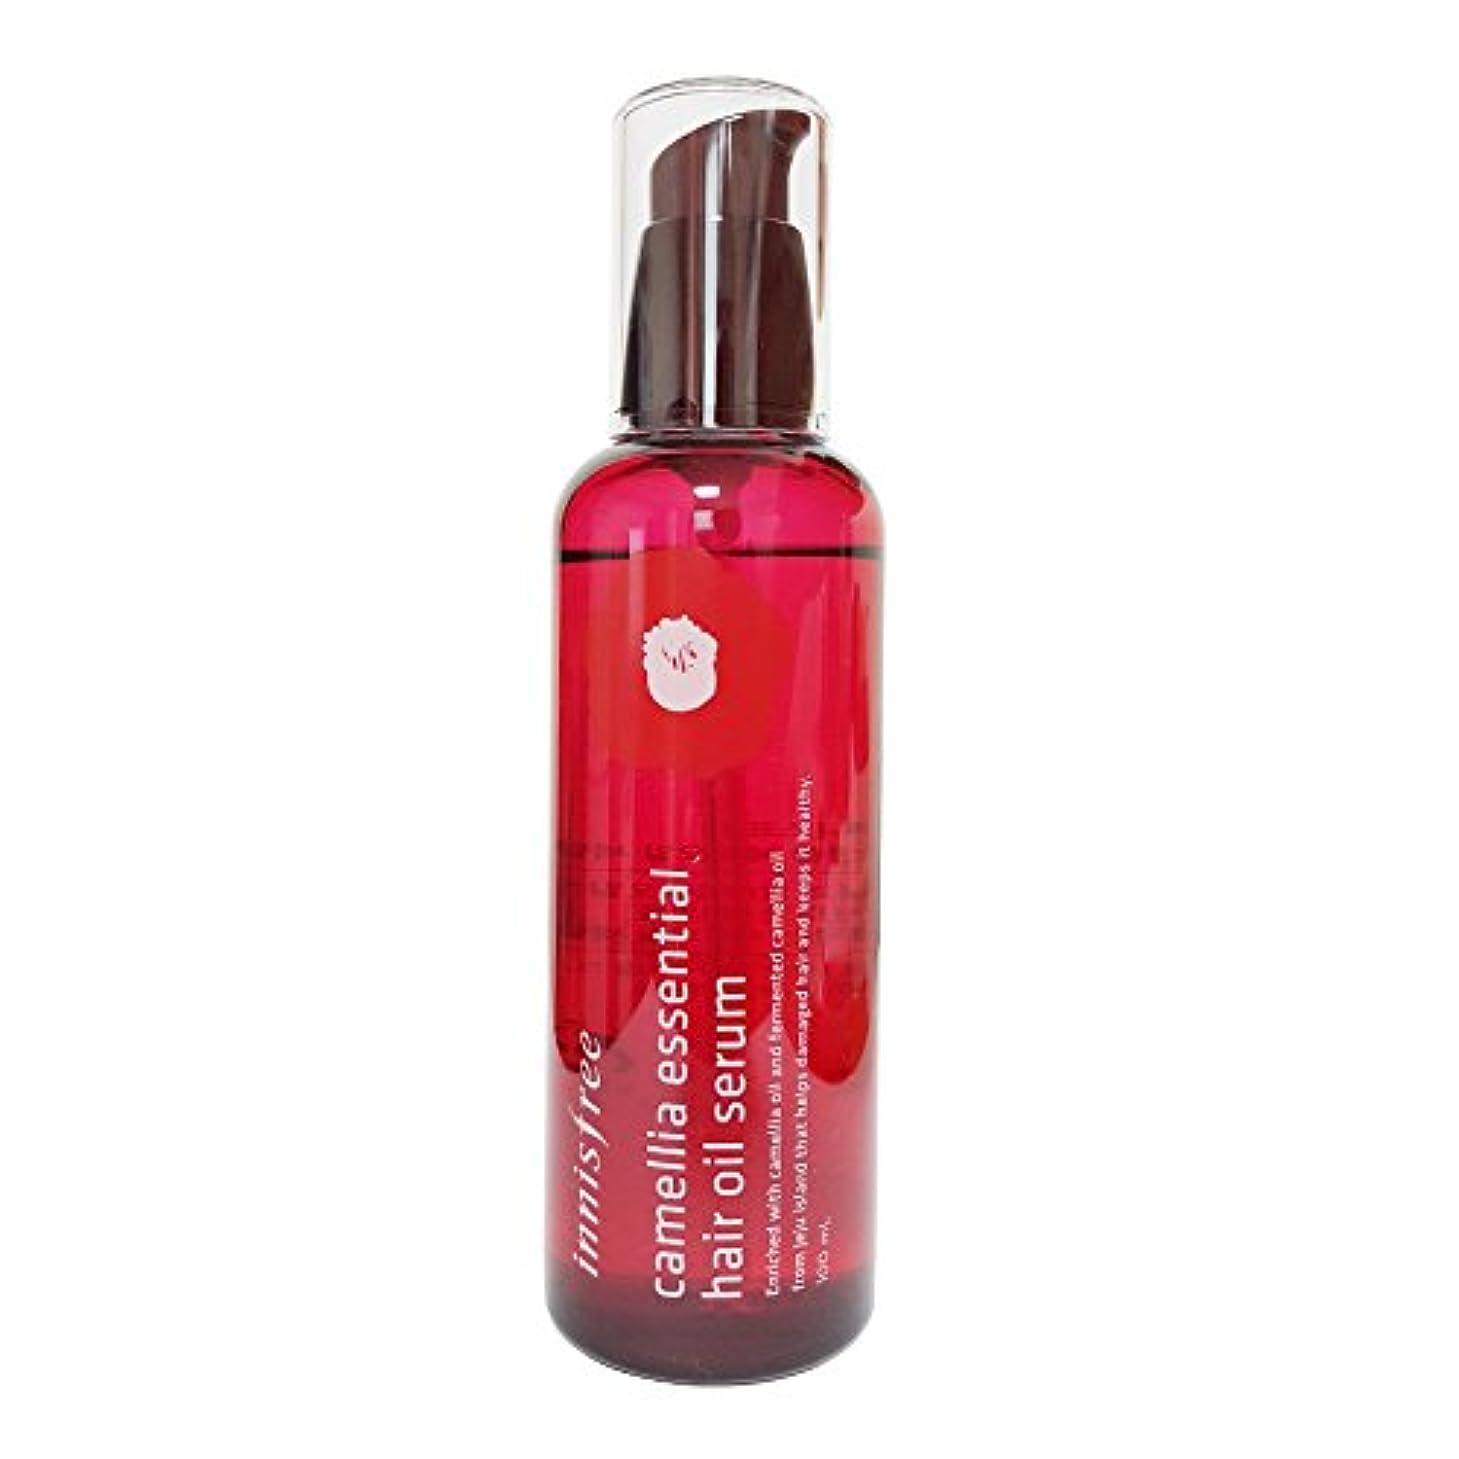 呼び出す飲み込む大破[イニスフリー] Innisfree カメリアエッセンシャル?ヘア?オイルセラム (100ml) Innisfree Camellia Essential Hair Oil Serum (100ml) [海外直送品]